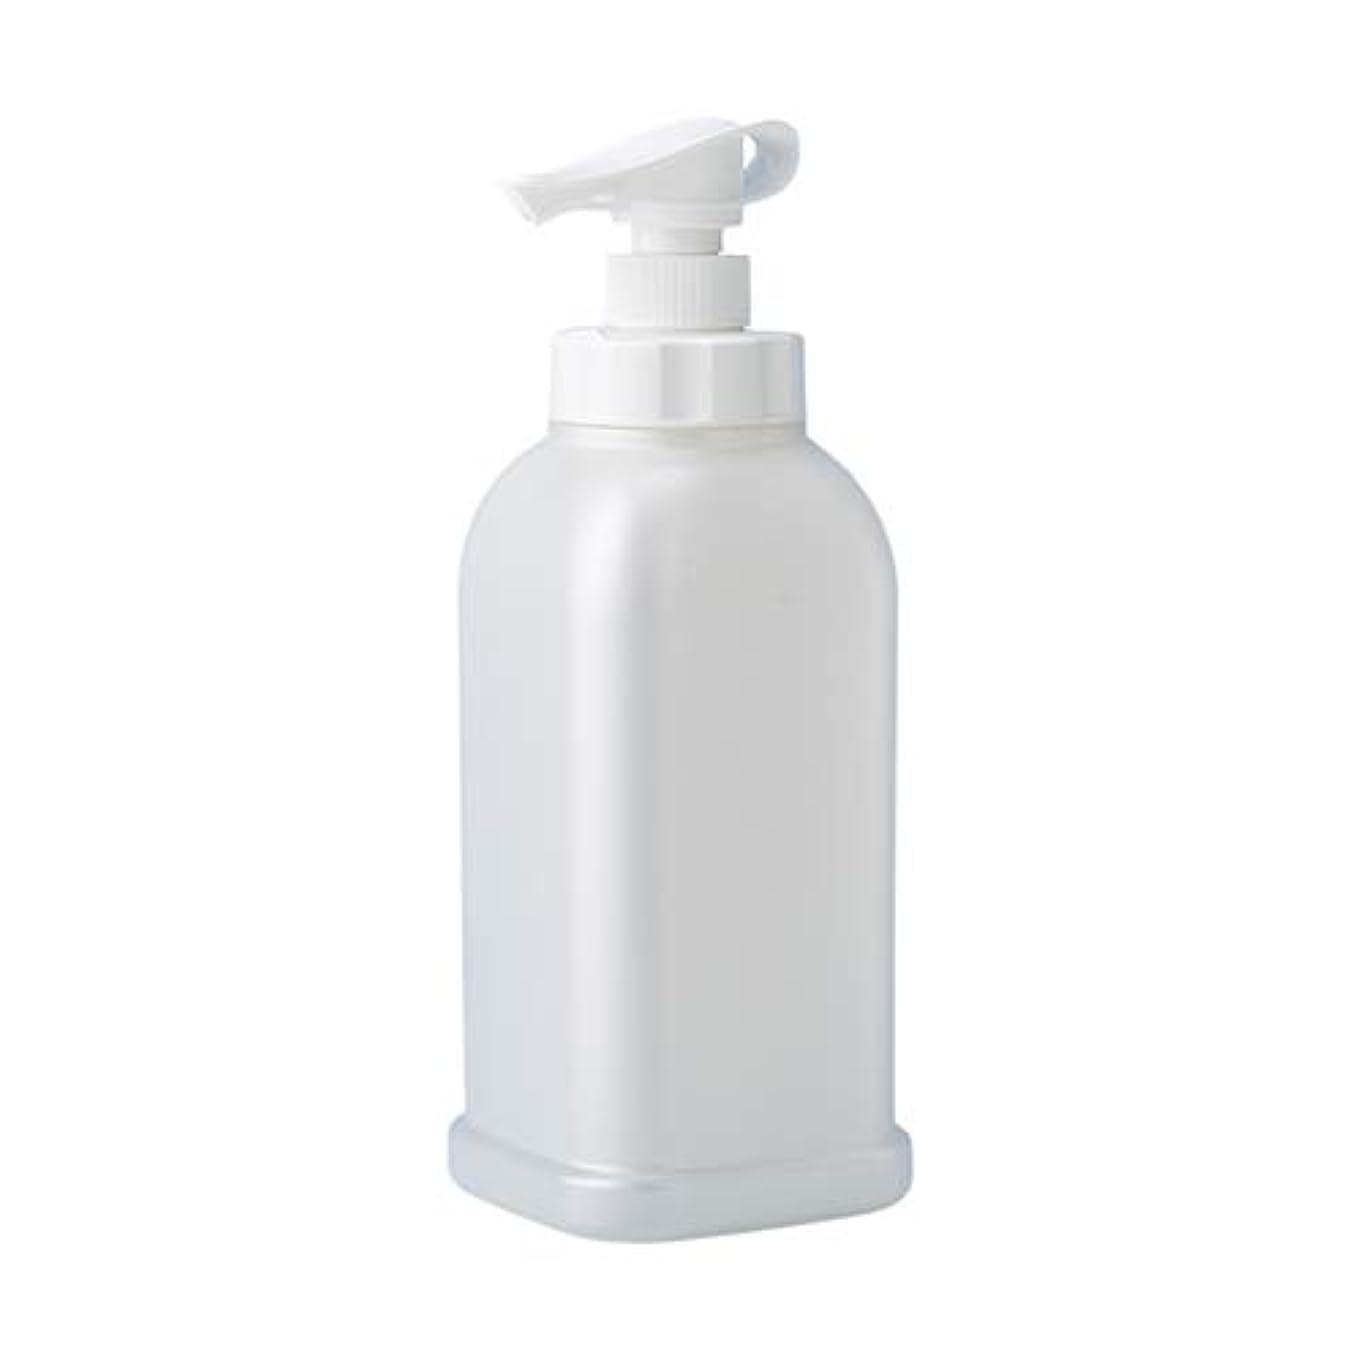 ゲートウェイ笑人差し指安定感のある ポンプボトル シャンプー コンディショナー リンス ボディソープ ハンドソープ 1.2L詰め替え容器 パールホワイト